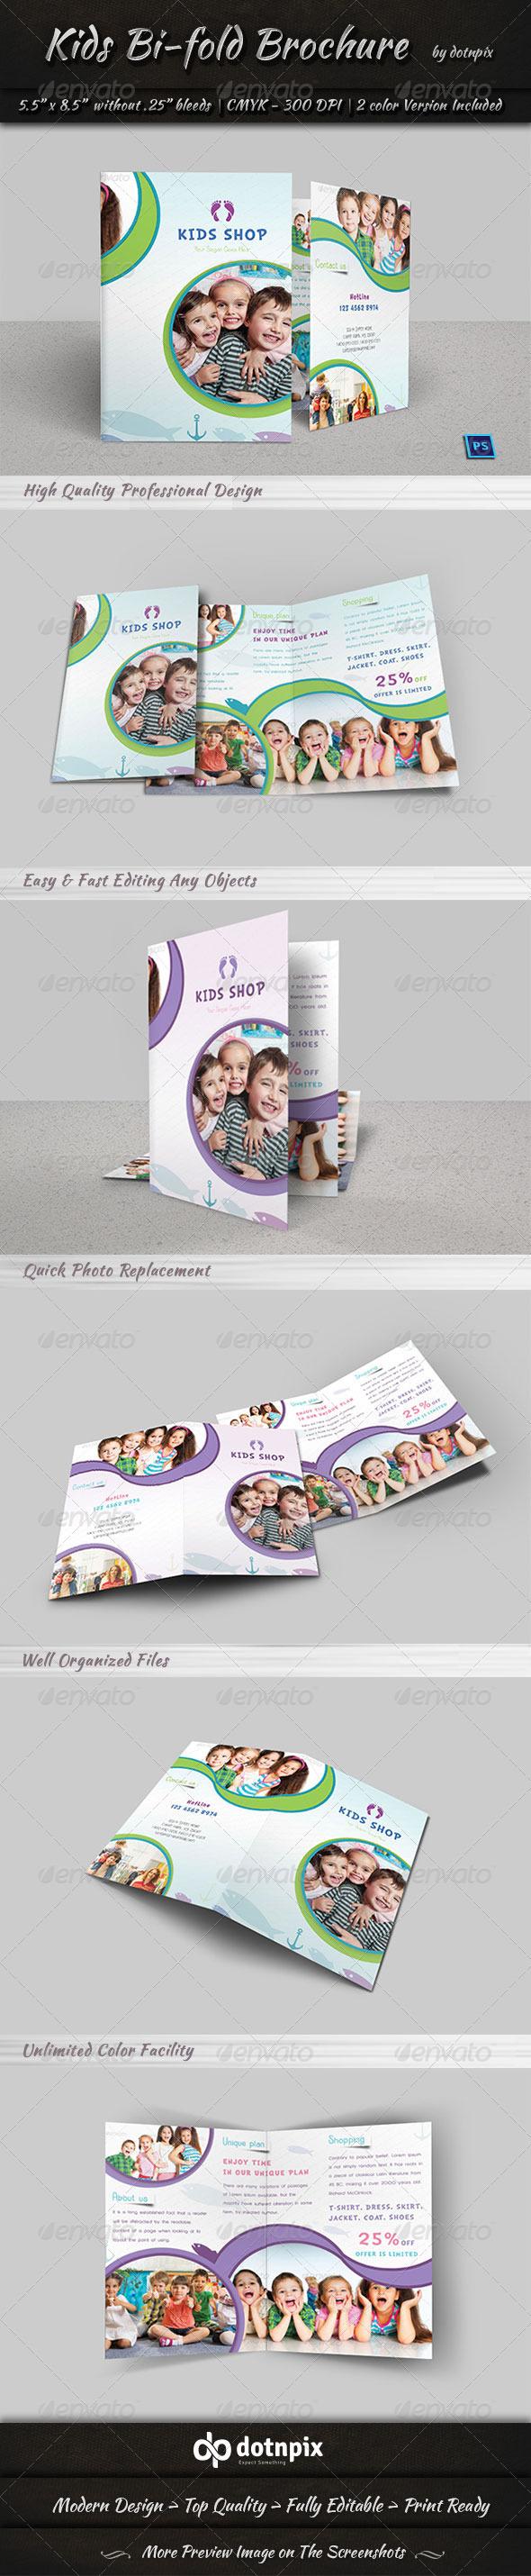 GraphicRiver Kids Bi-Fold Brochure 7469284